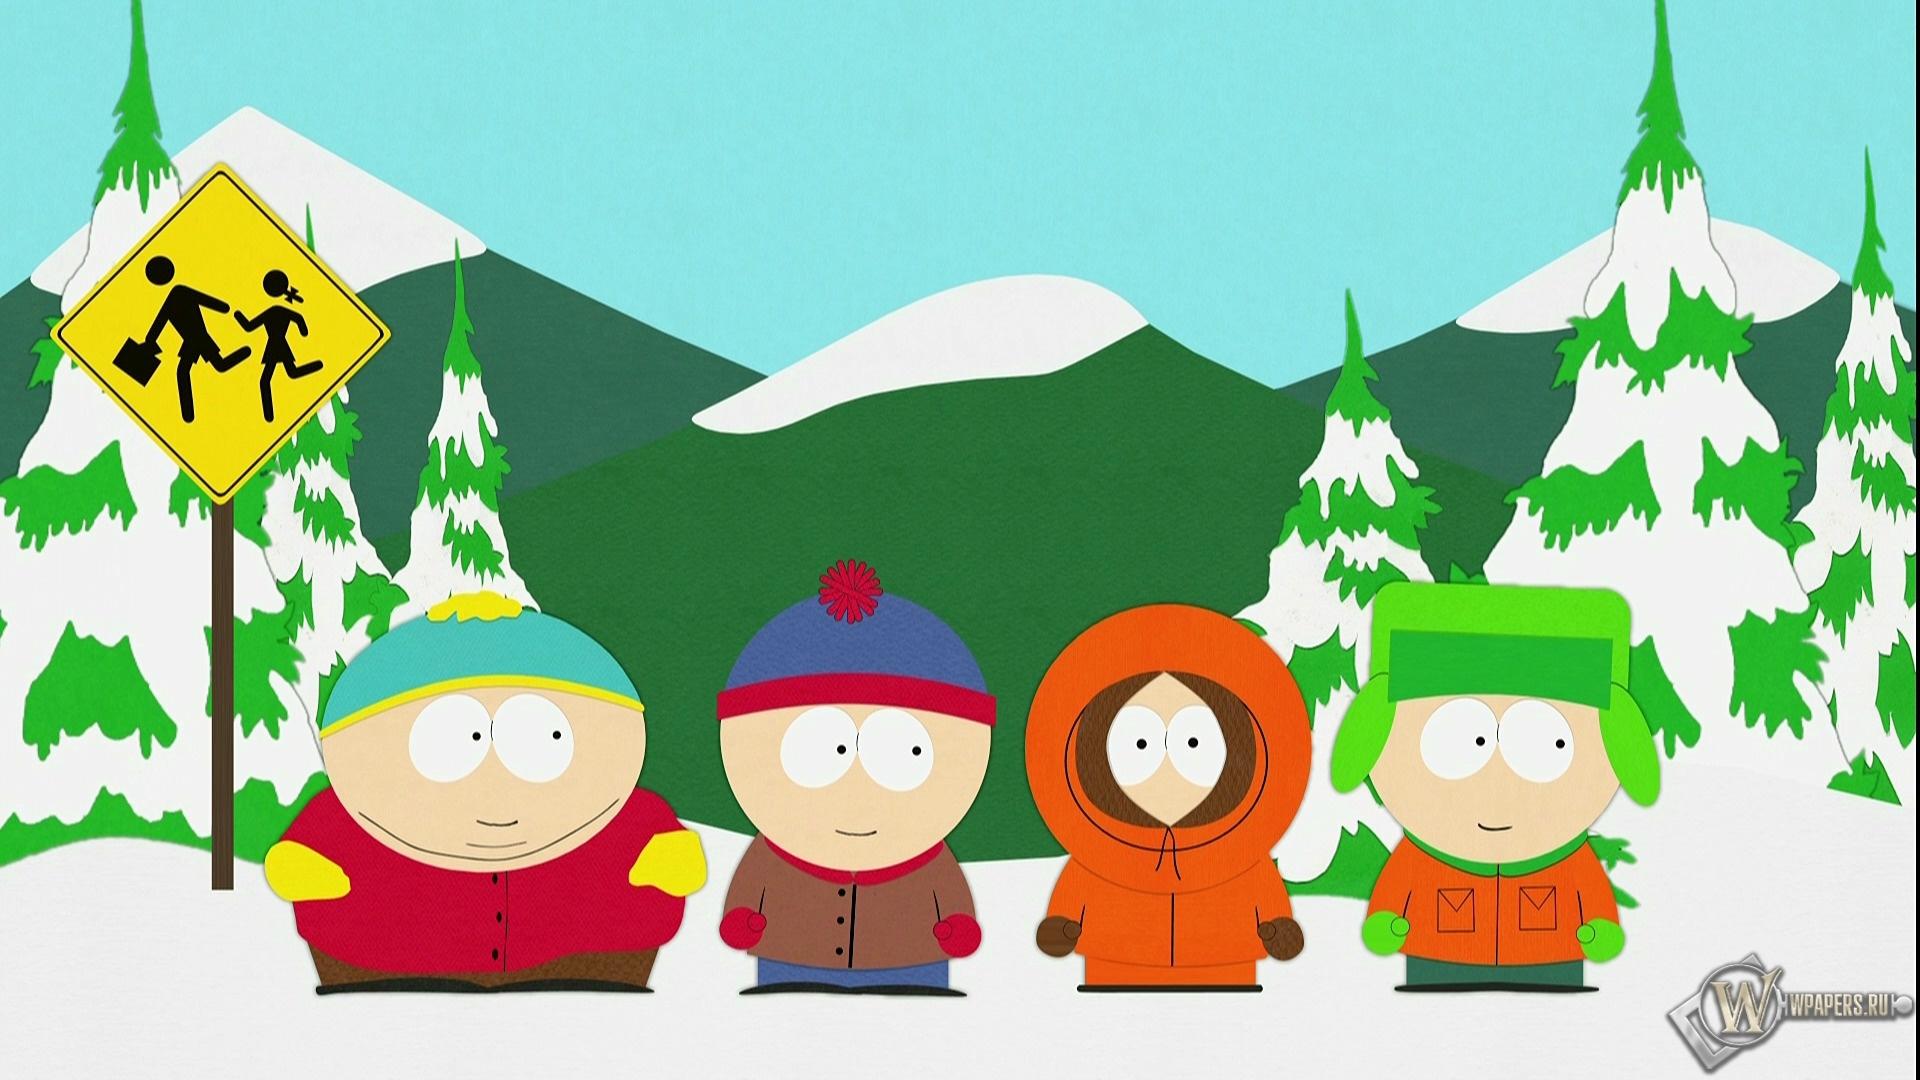 South Park 1920x1080